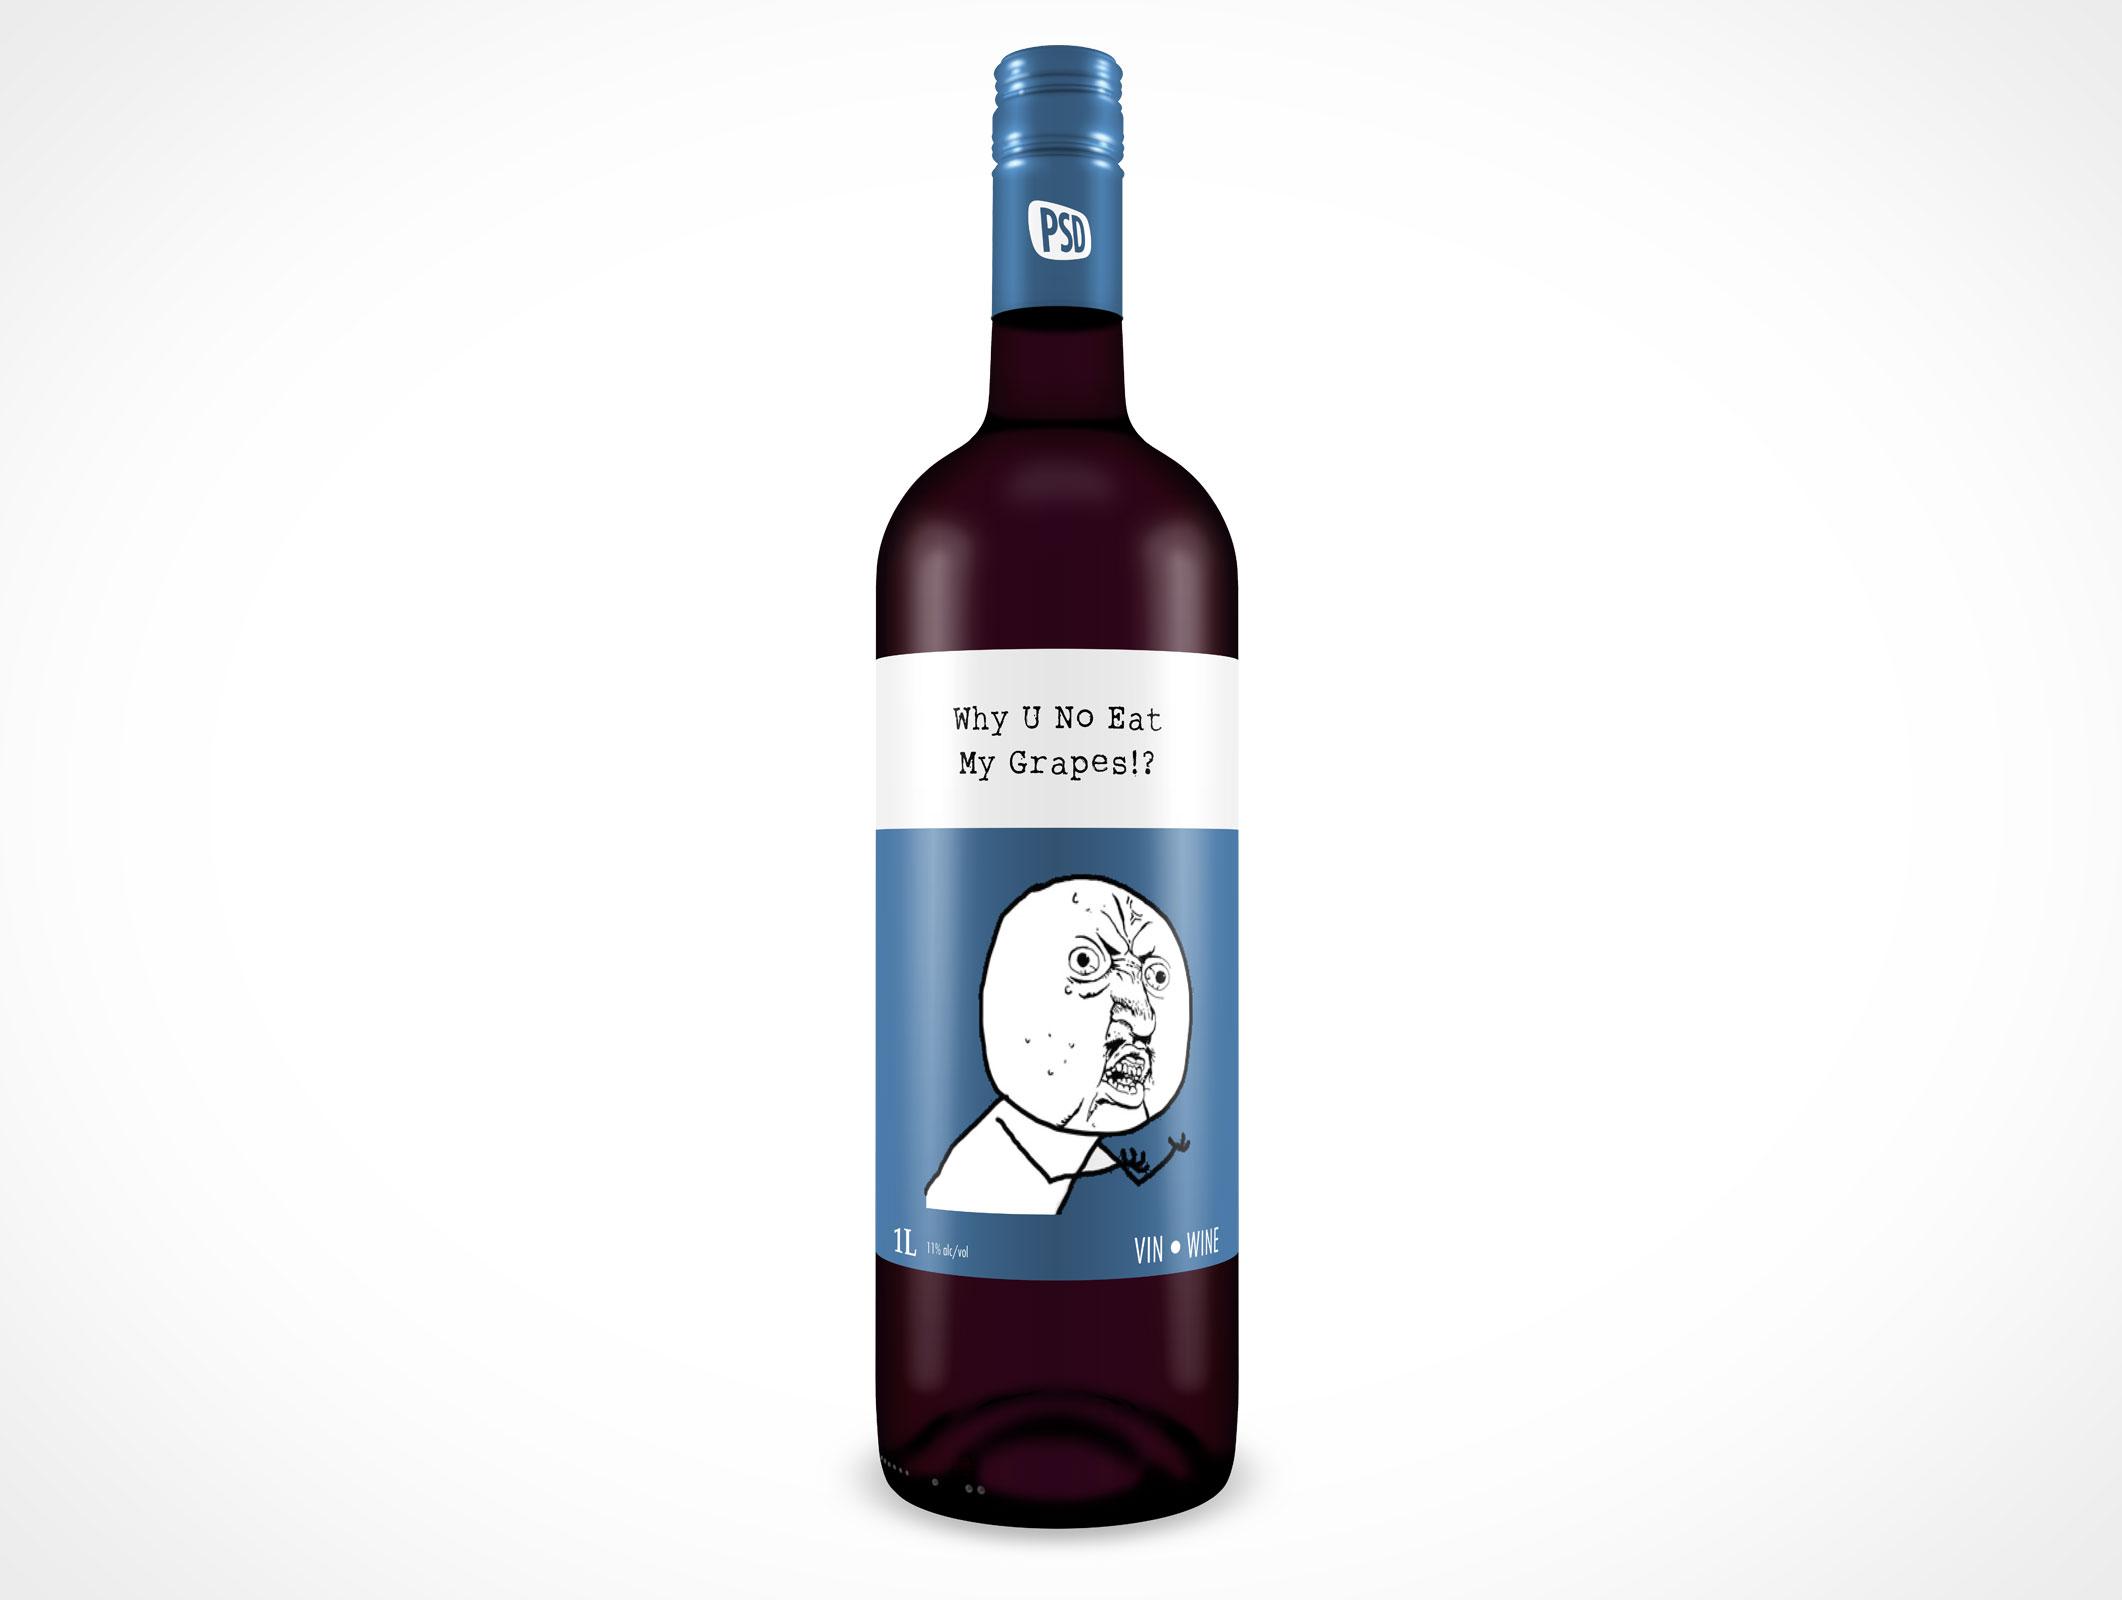 10 Glass Bottle Mockups Psd Free Images